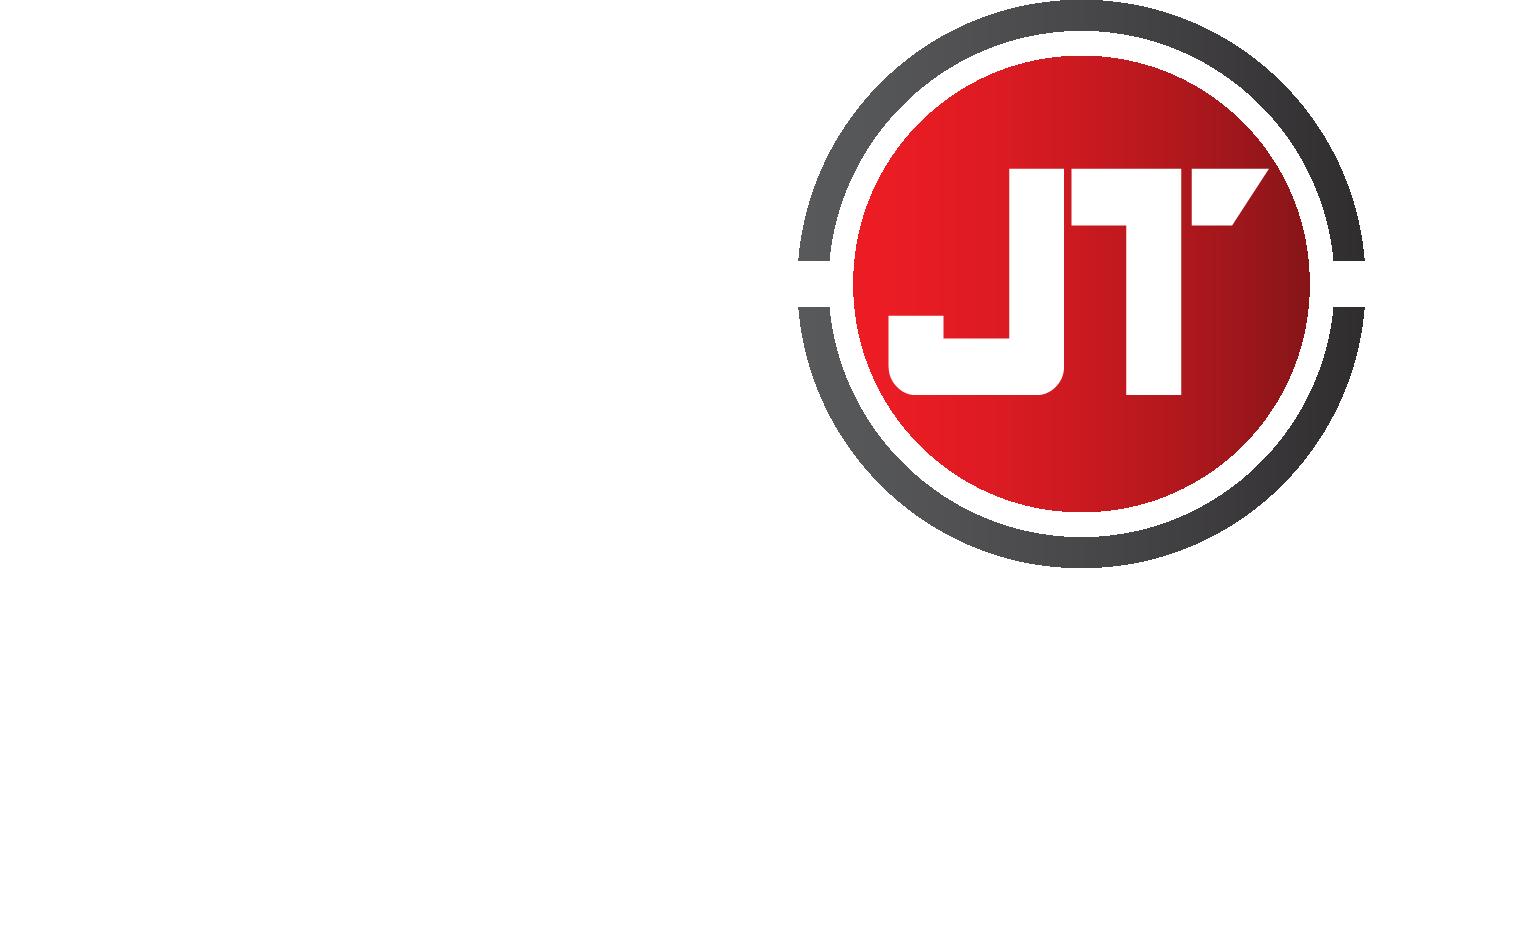 Jesus Tabernacle